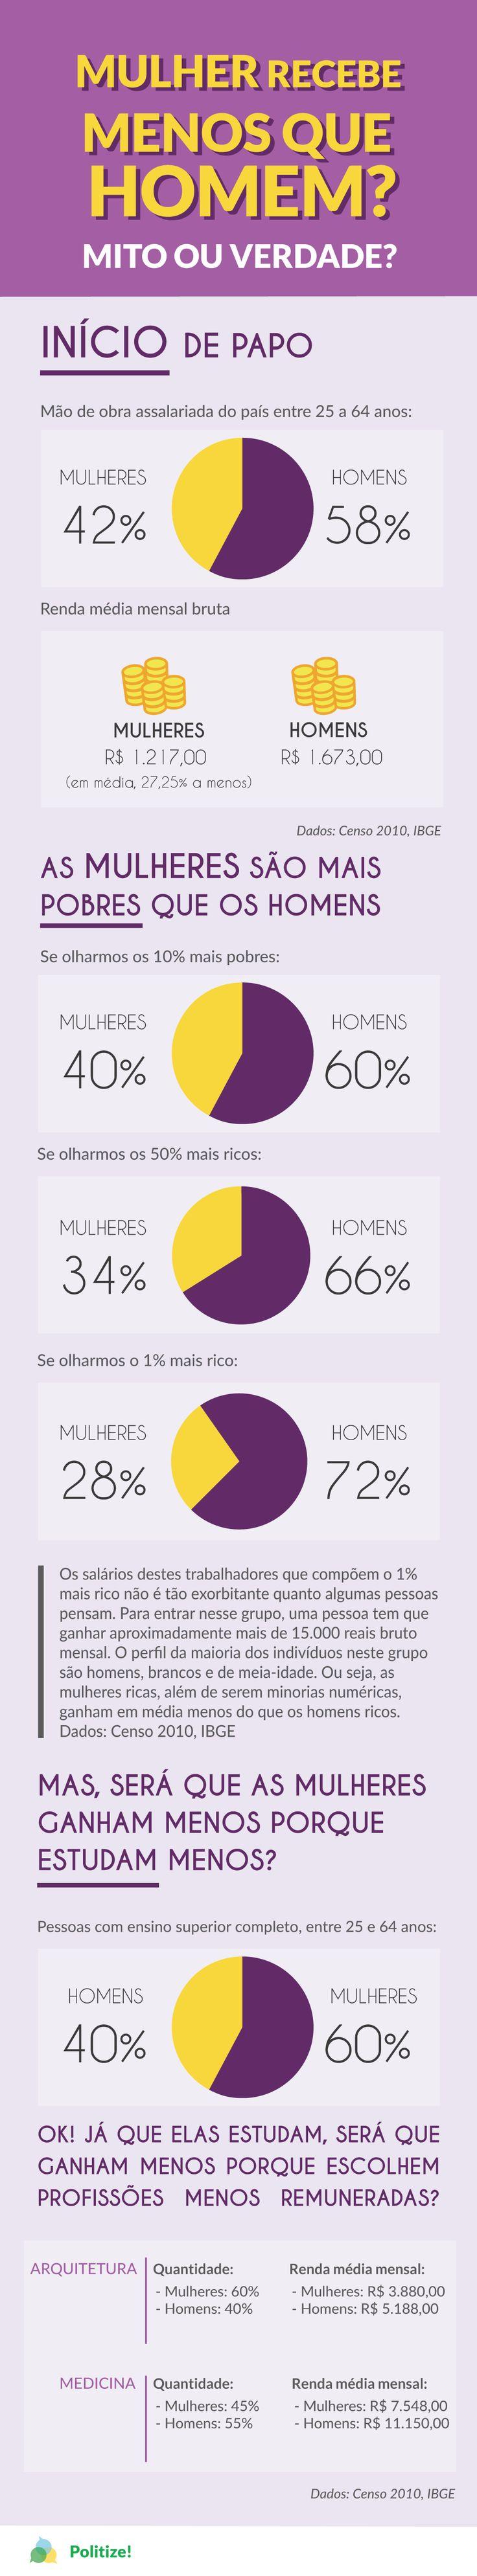 A desigualdade salarial entre homens e mulheres é um problema social que, há algumas décadas, intriga pesquisadoras e pesquisadores. Além disso, é um problema social que muitas pessoas na nossa sociedade não conhecem ou, quando conhecem, não têm dimensão real do seu tamanho.  Para saber o tamanho desse problema, dê uma olhada neste infográfico: